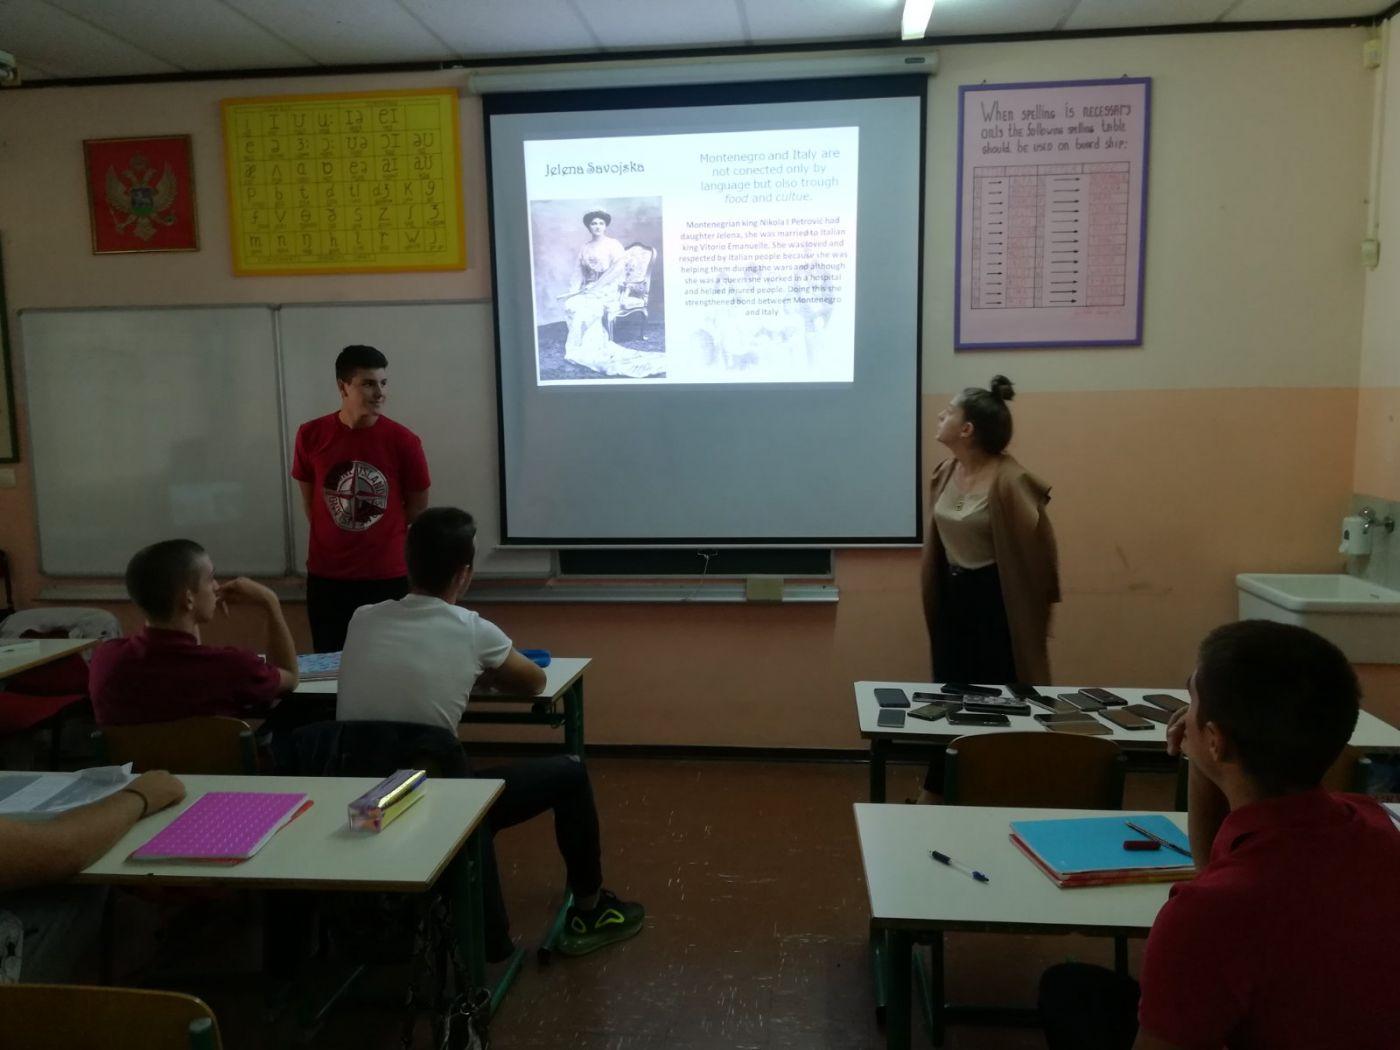 Evropski dan jezika - sa prezentacija (1)